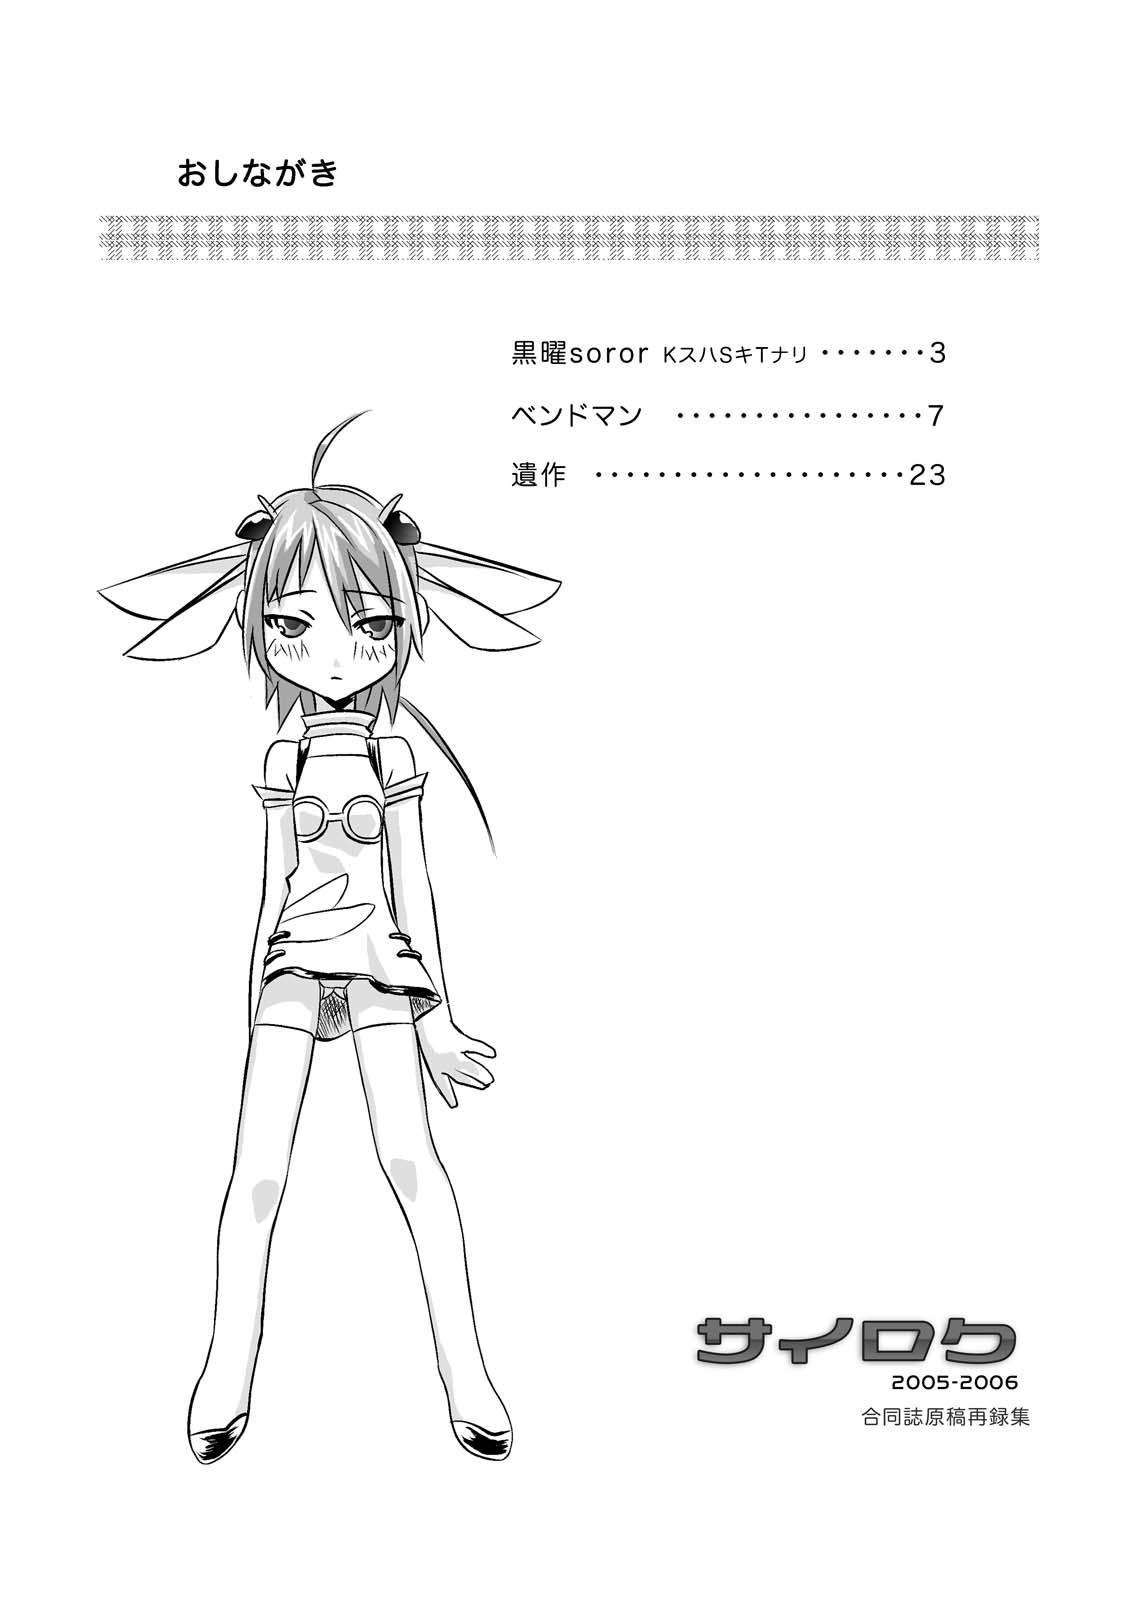 Sairoku 2005-2006 1